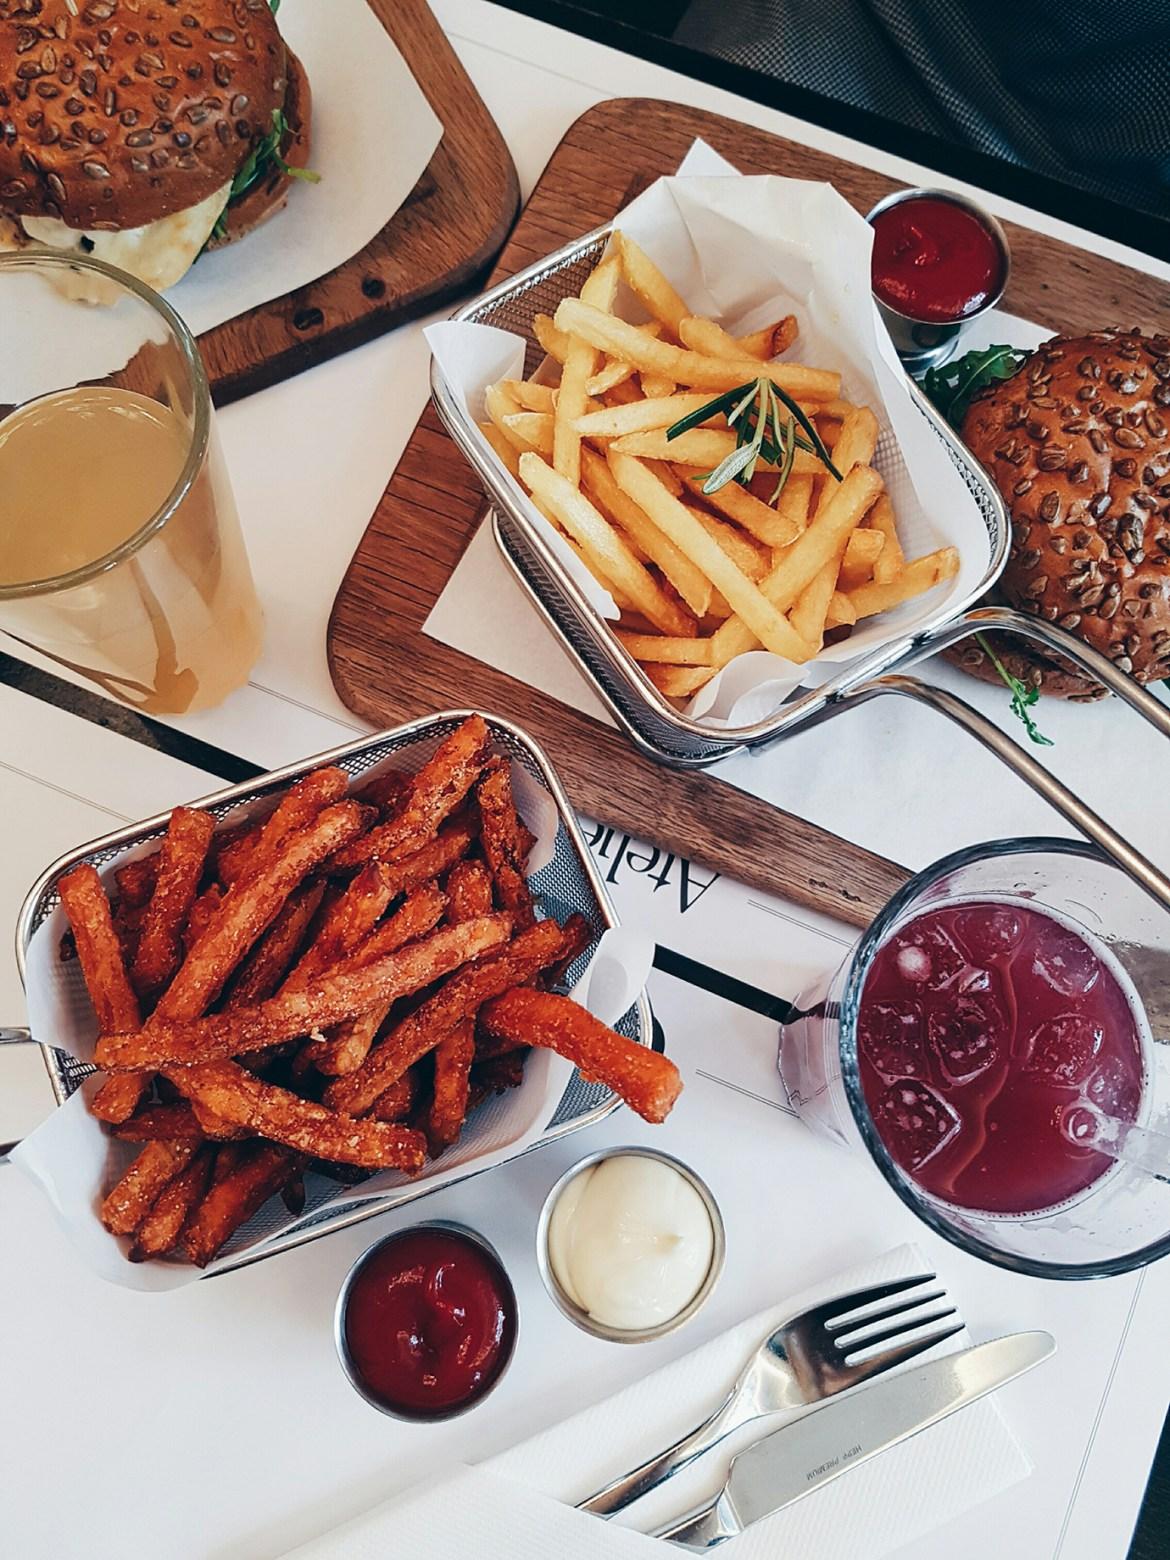 7things_37_food